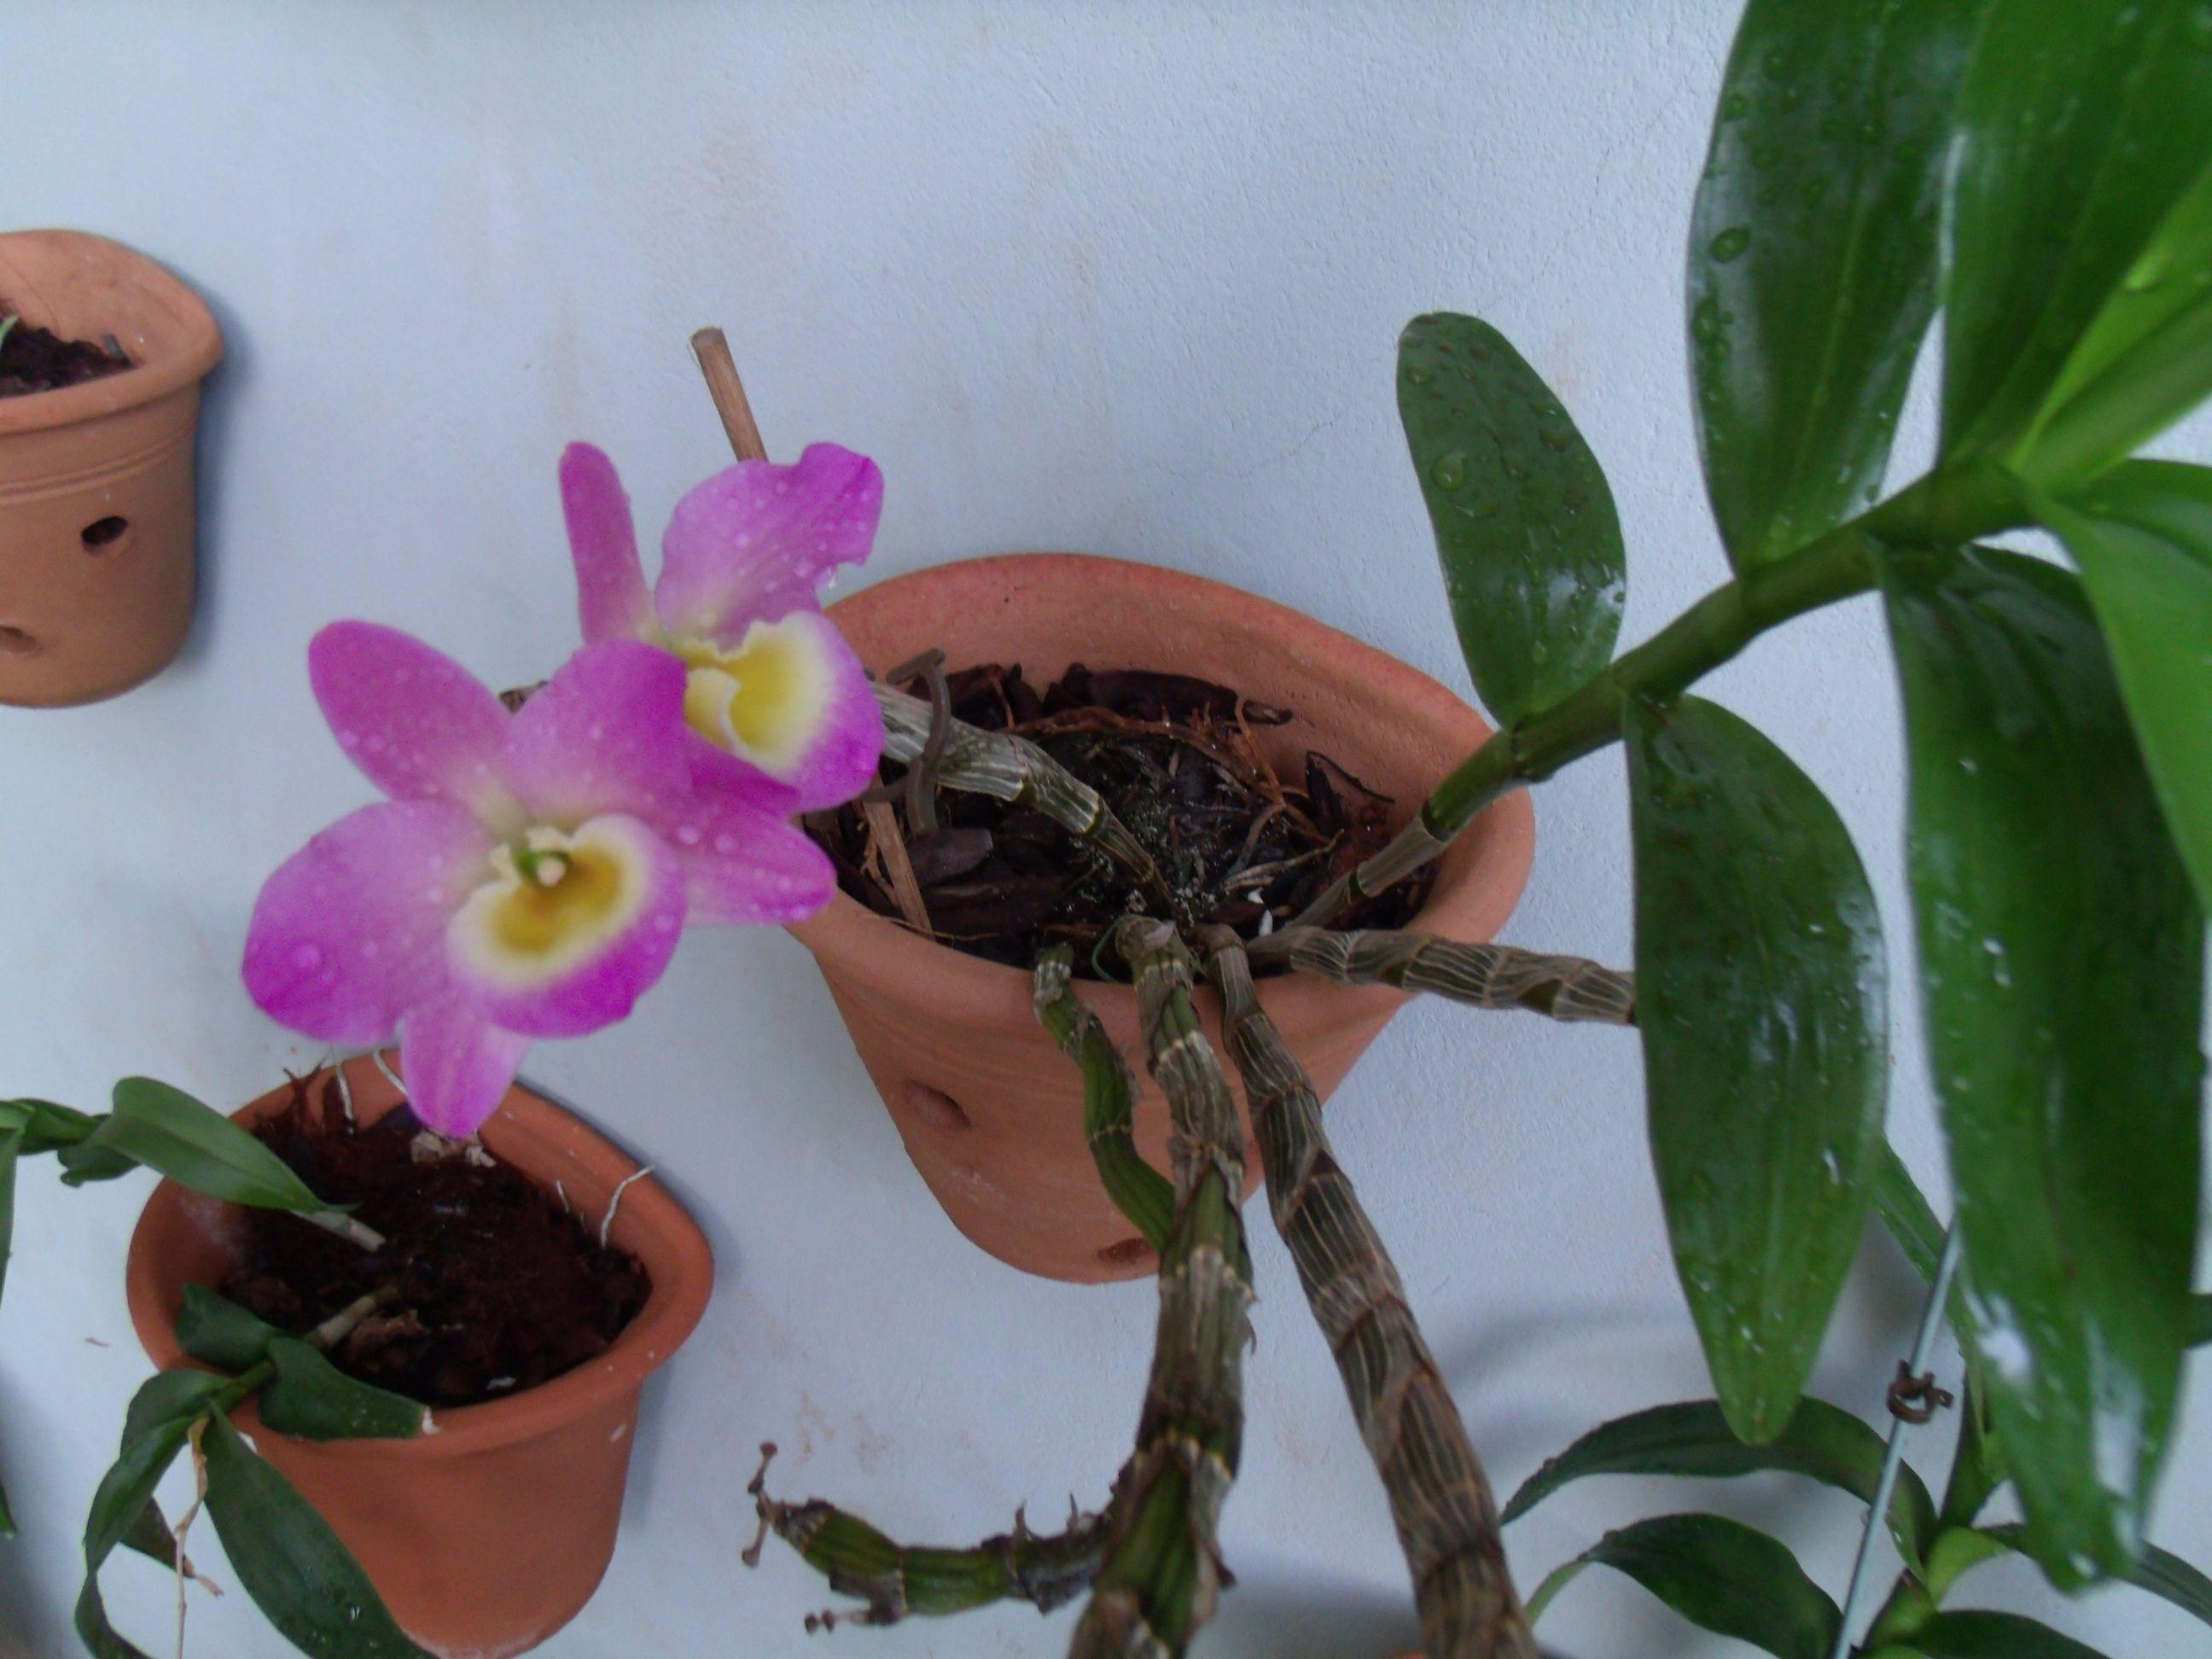 mais uma orquídea dando o ar de sua mimosa graça.